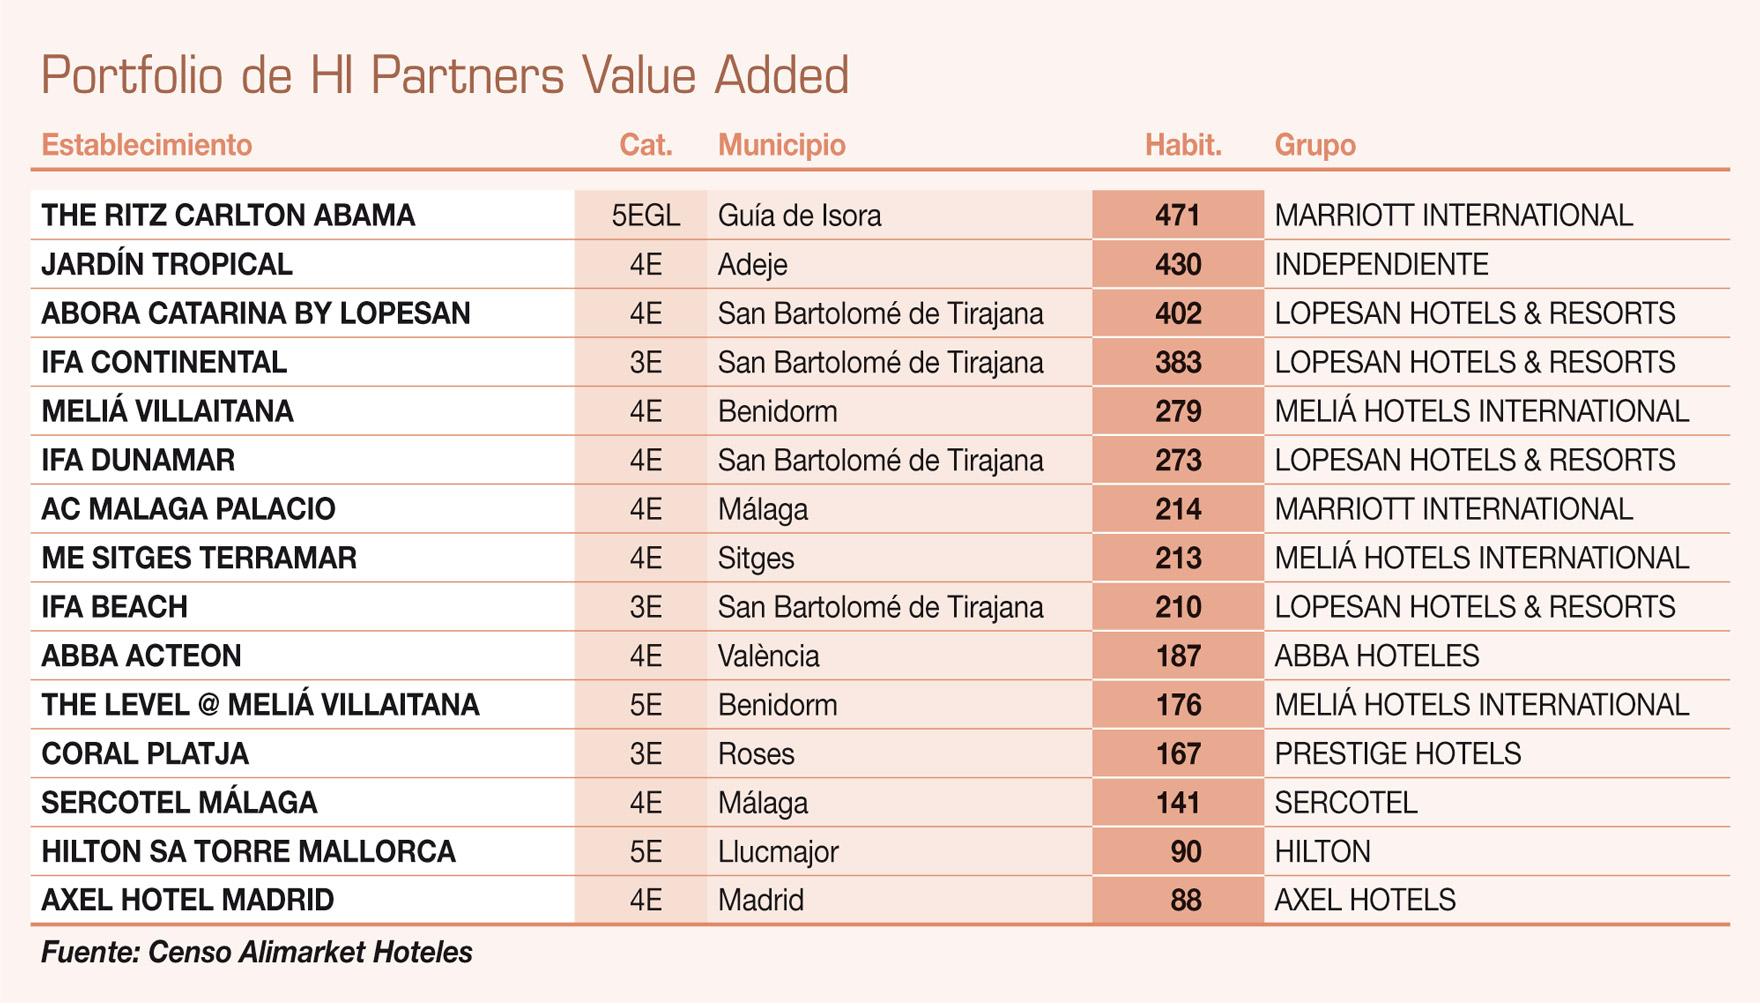 Banco Sabadell vende sus mejores activos hoteleros a Blackstone, aunque seguirán gestionados por el equipo de HI Partners